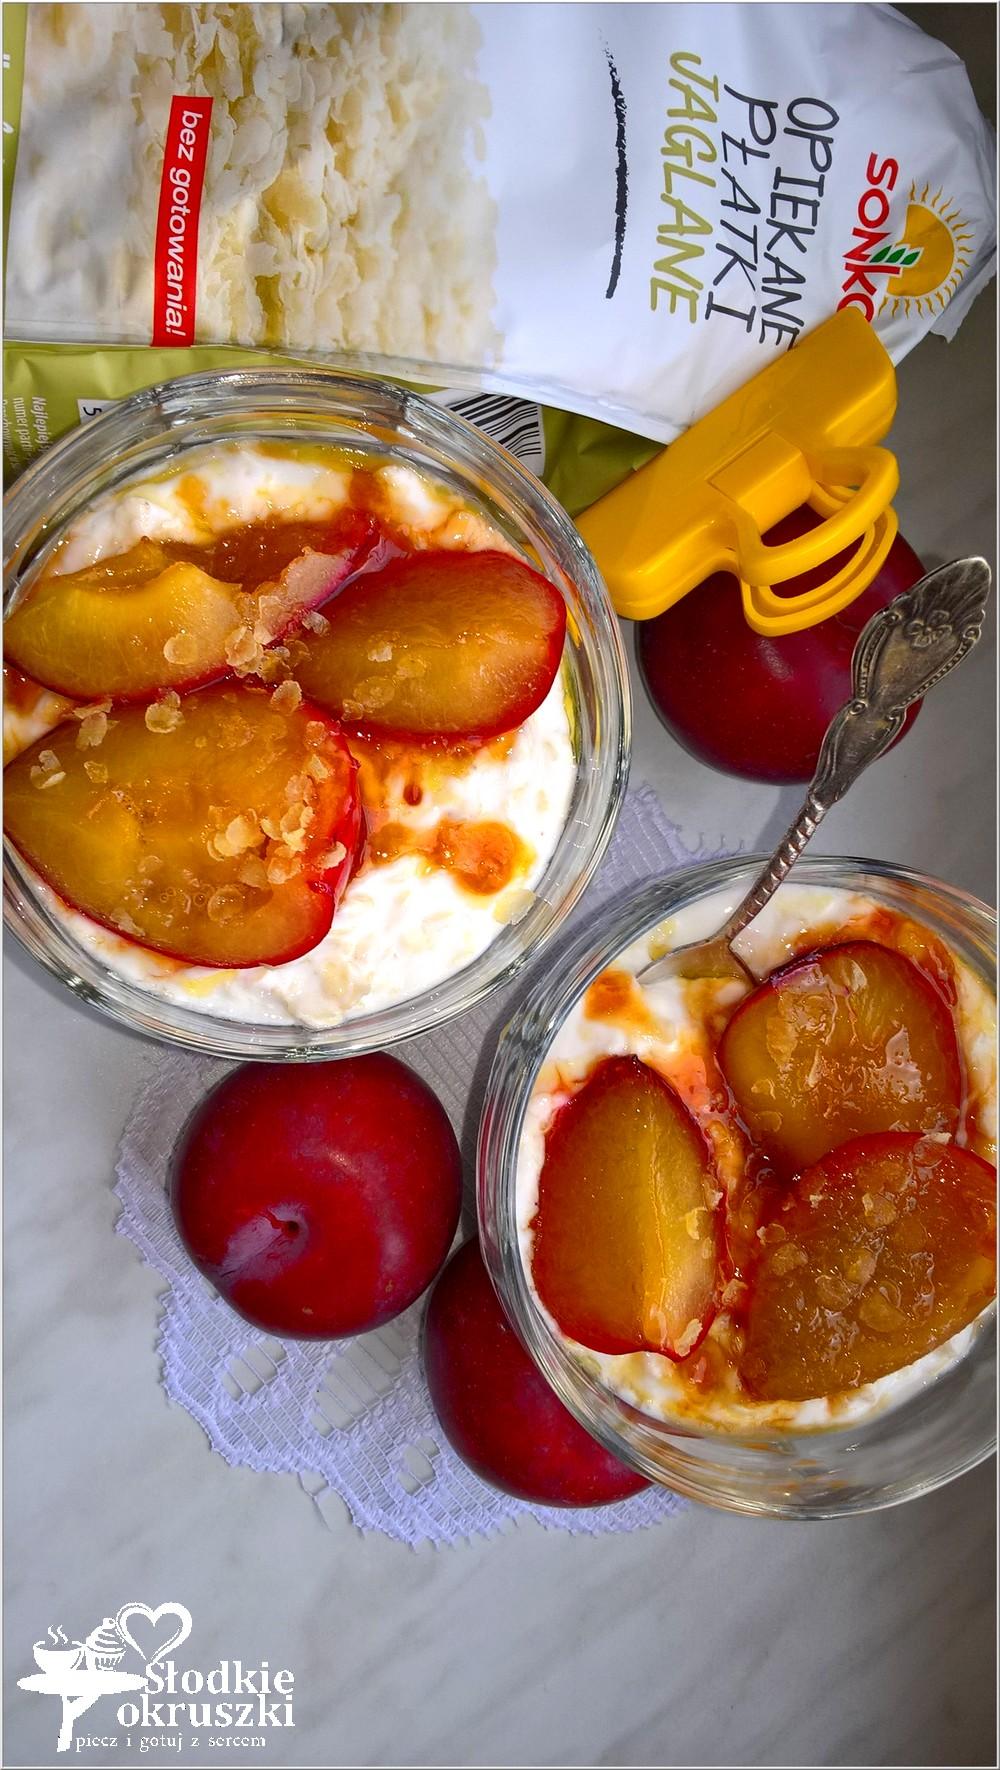 karmelizowane-sliwki-na-opiekanych-platkach-jaglanych-w-jogurcie